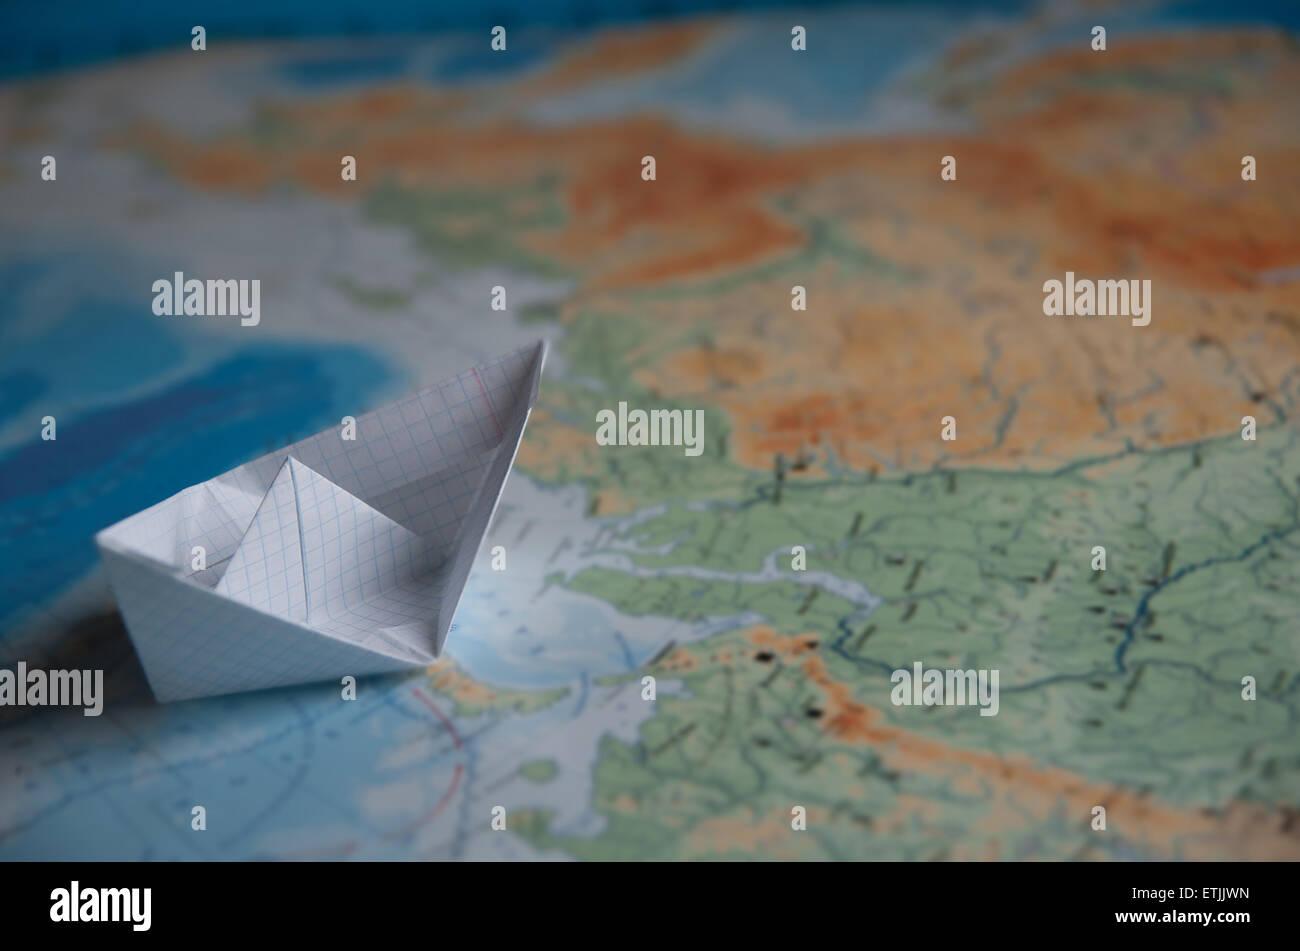 Origami Papierboot ist auf einer Karte Stockbild